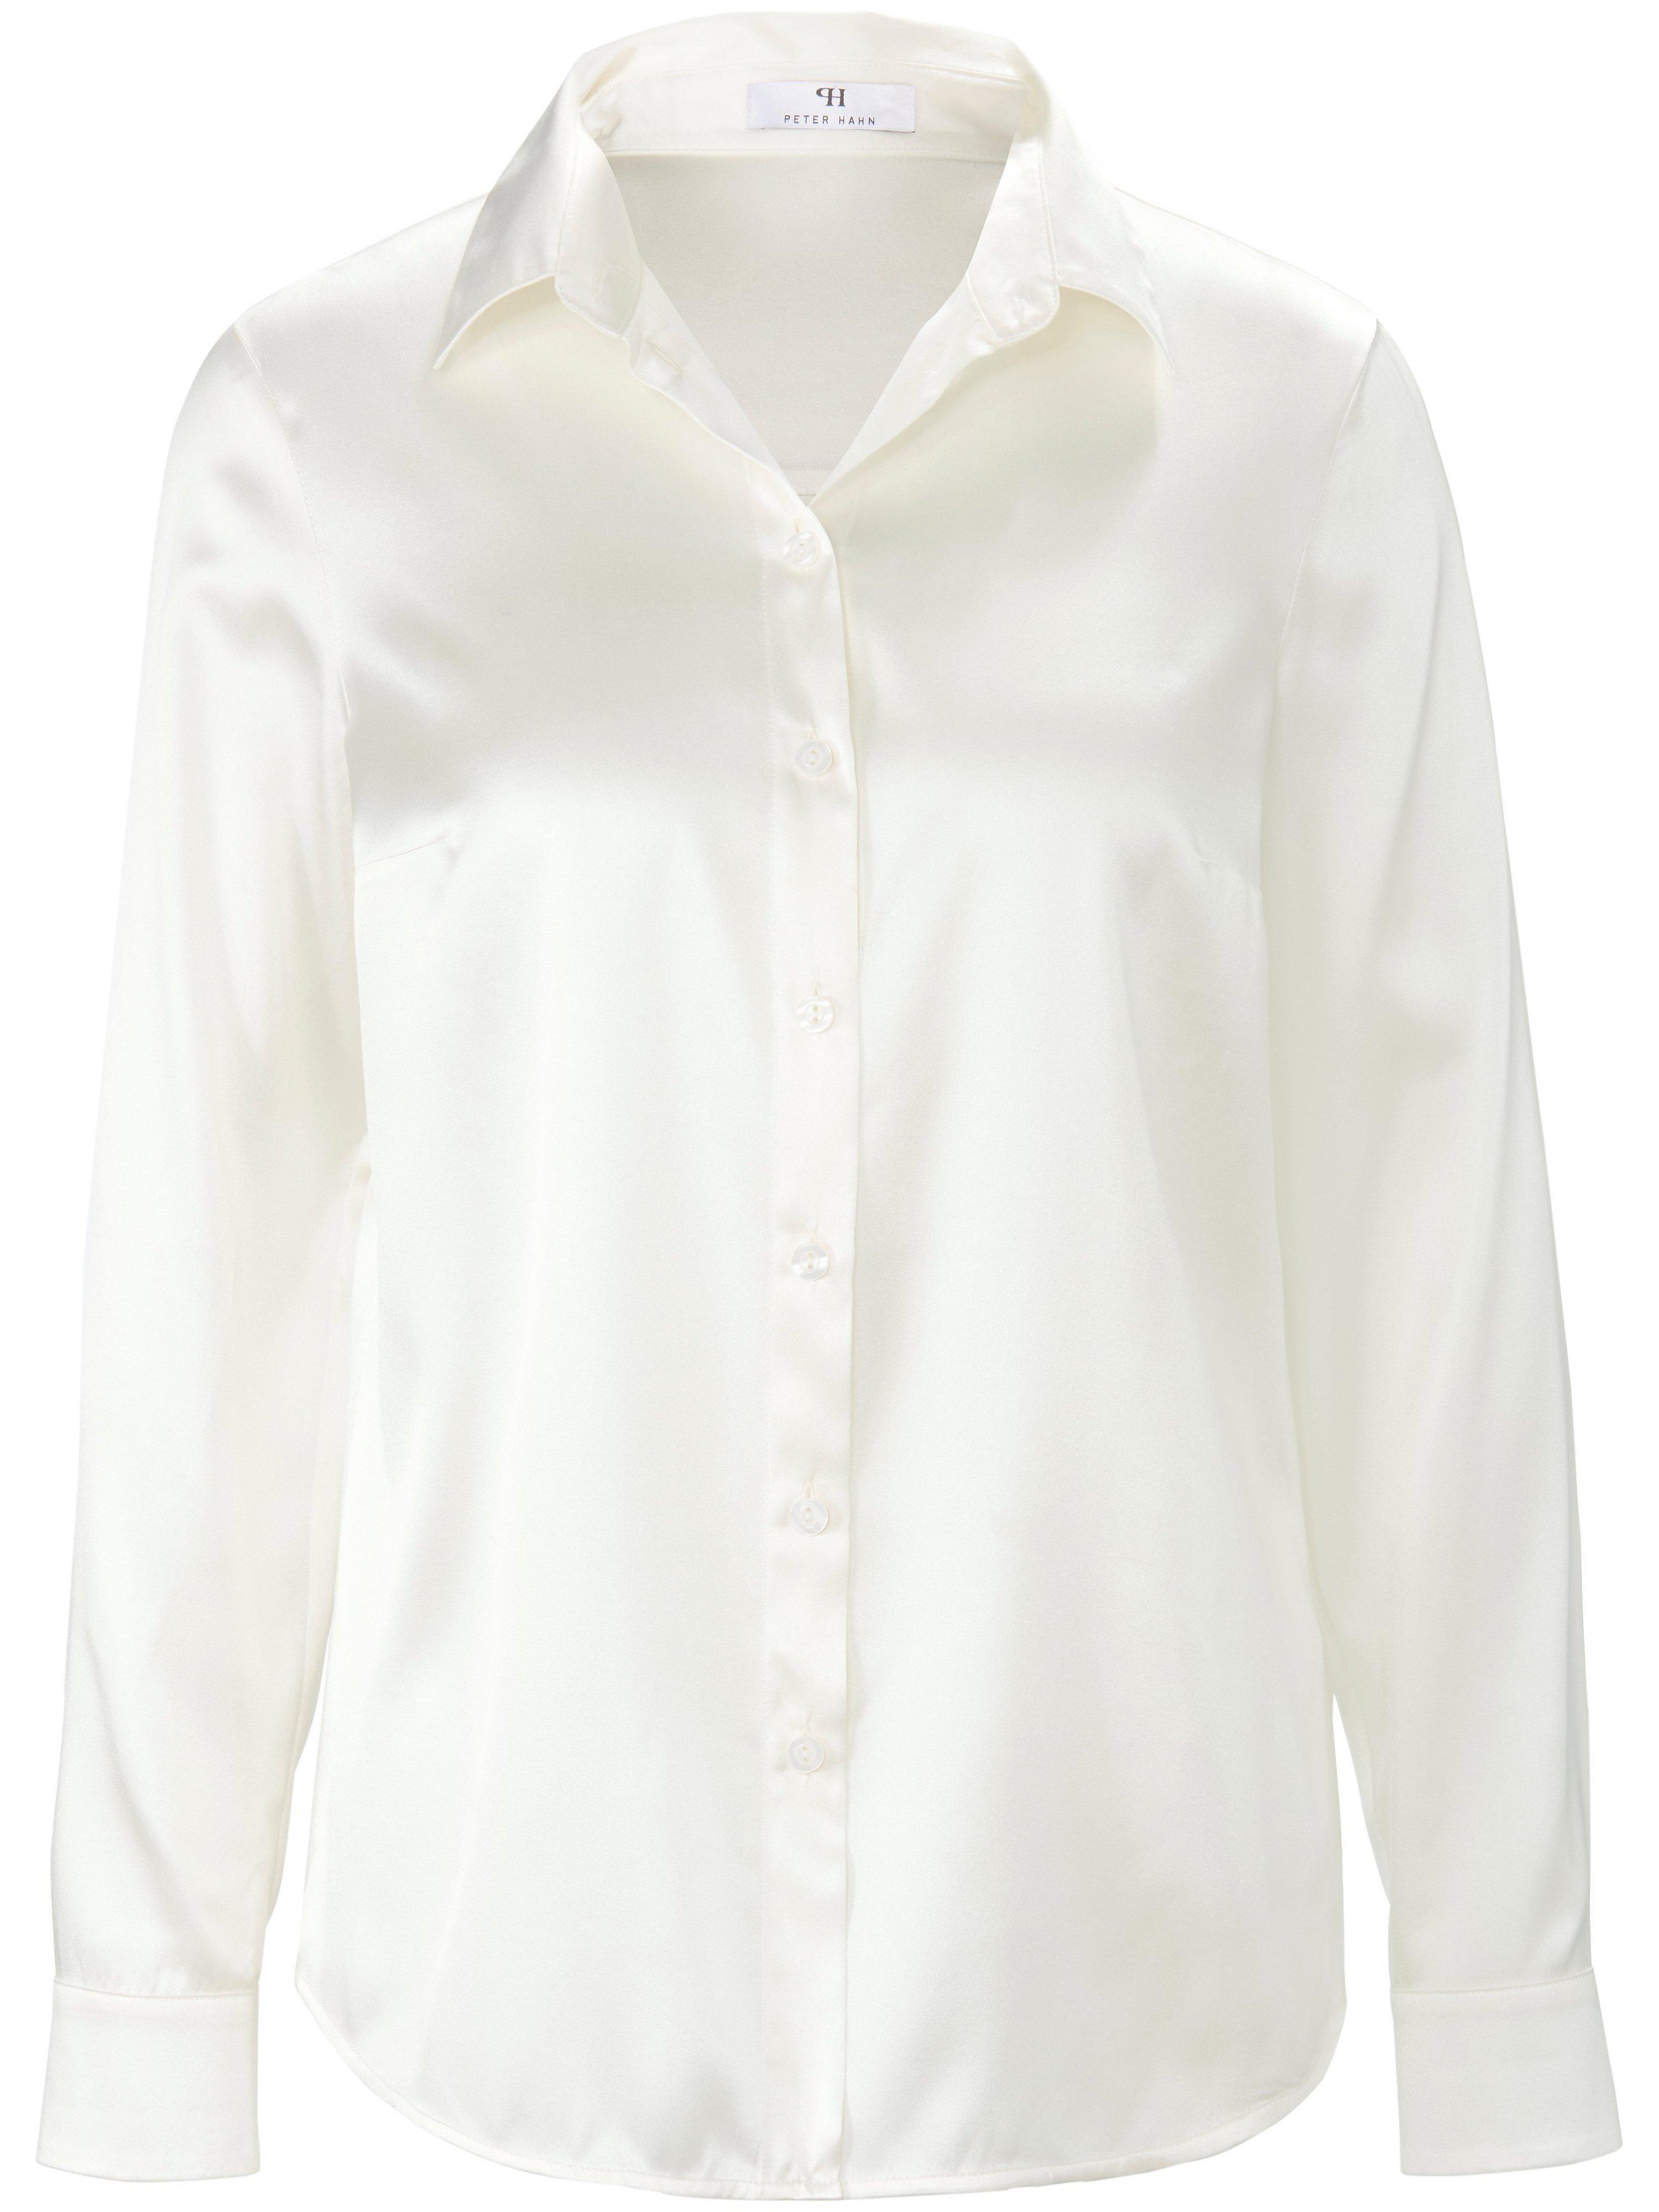 Blouse in lang overhemdmodel Van Peter Hahn wit